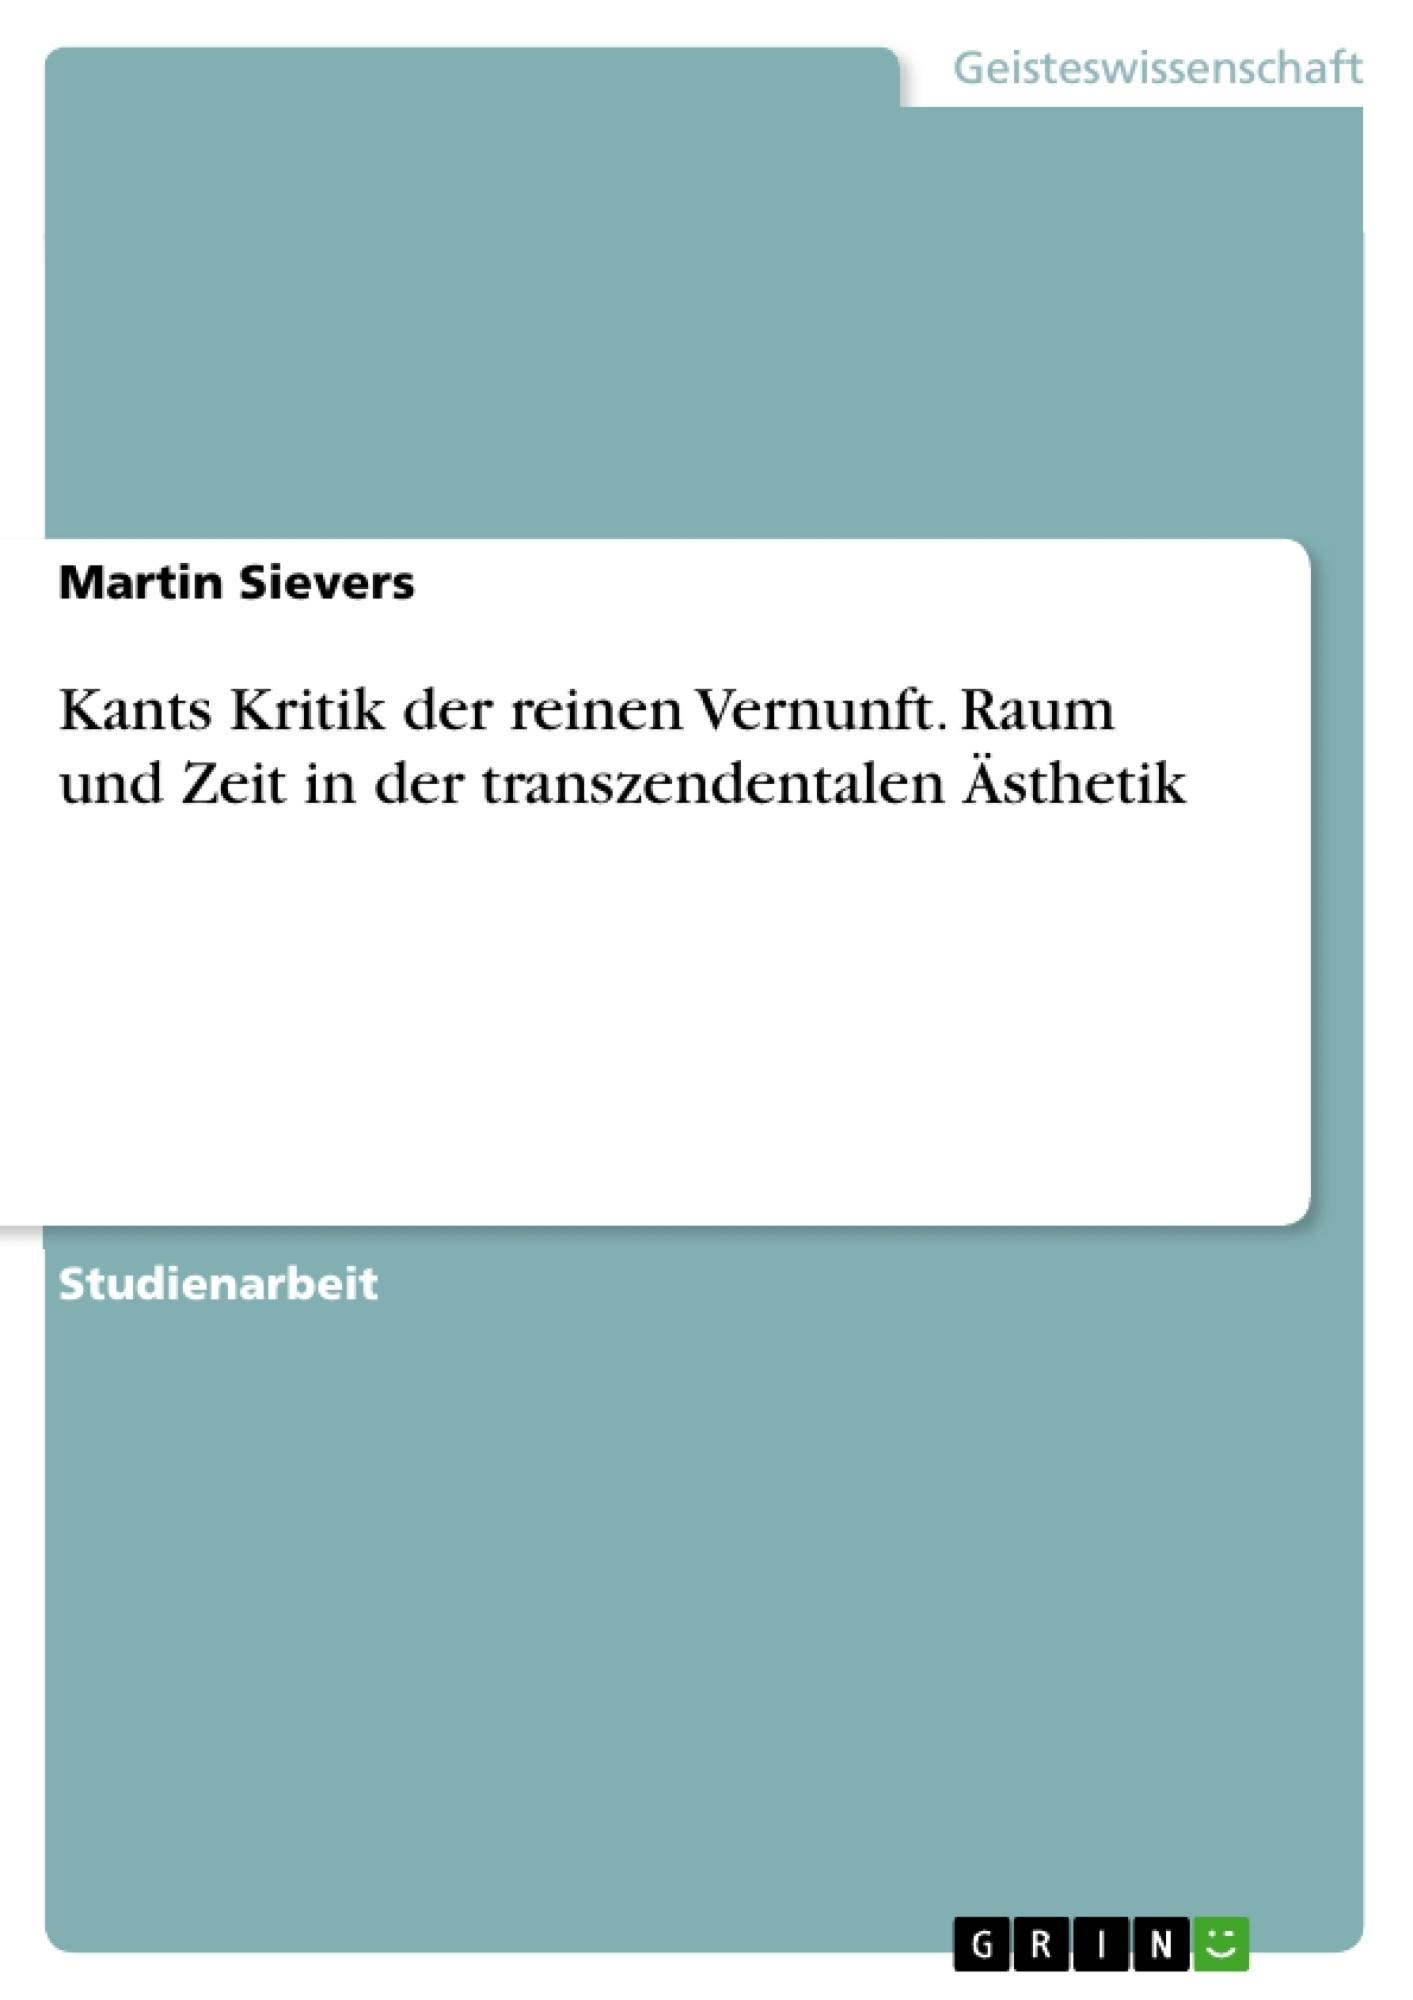 Titel: Kants Kritik der reinen Vernunft. Raum und Zeit in der transzendentalen Ästhetik